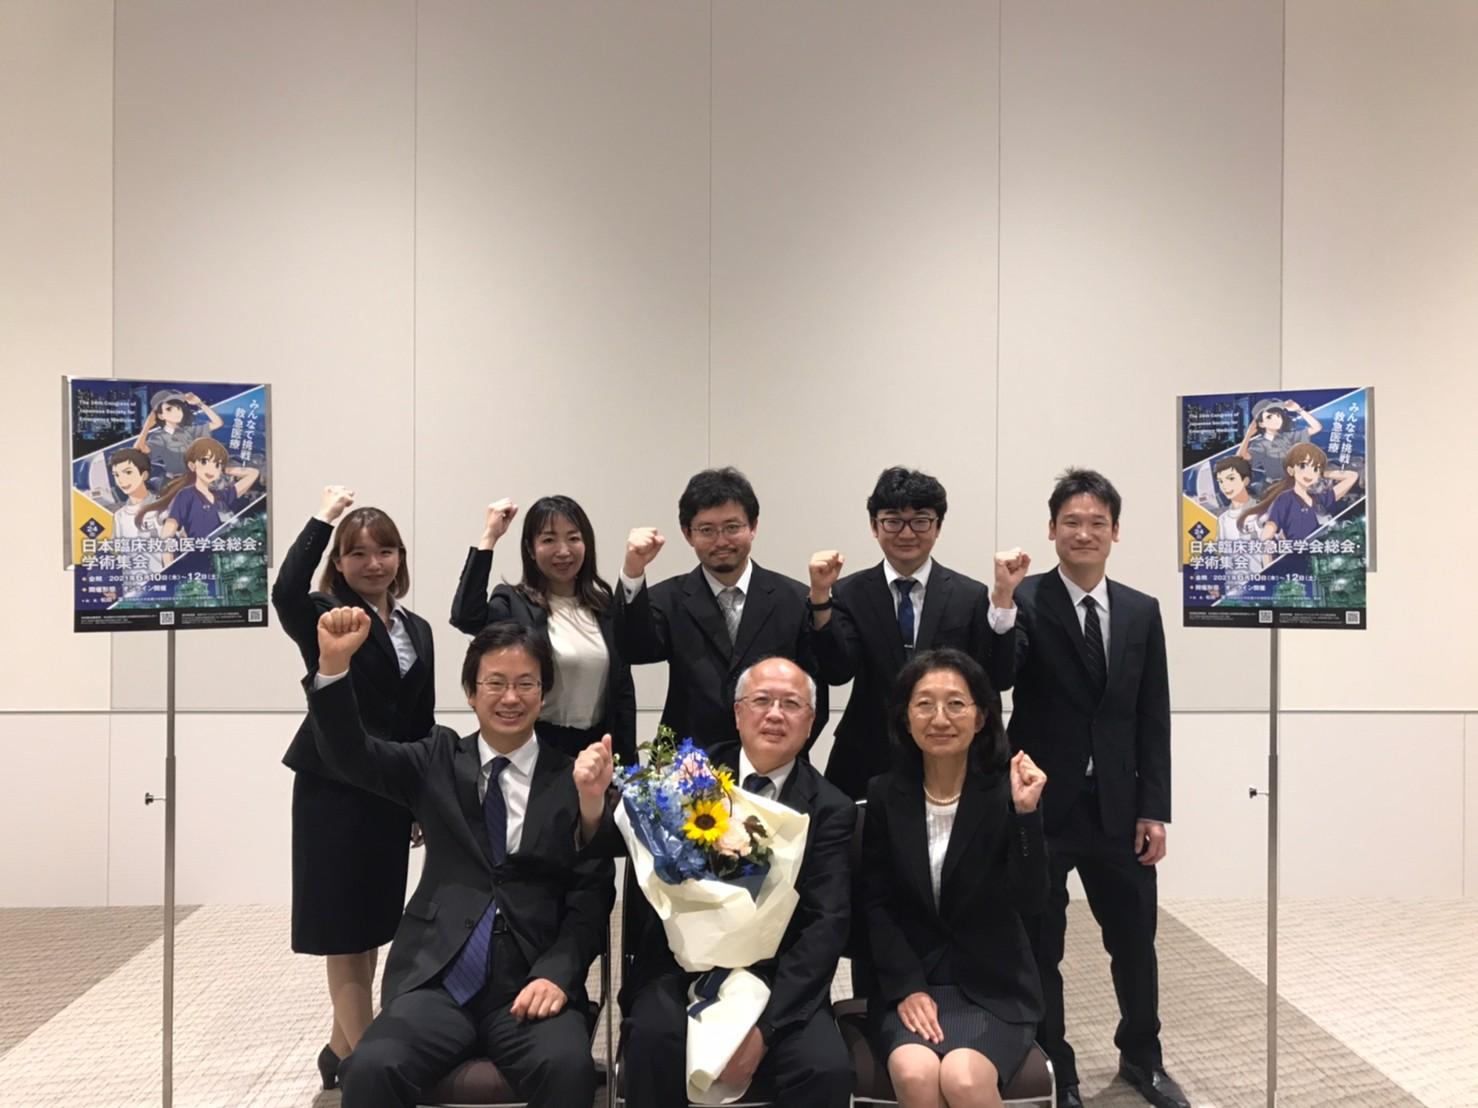 第24回日本臨床救急医学会総会・学術集会終了